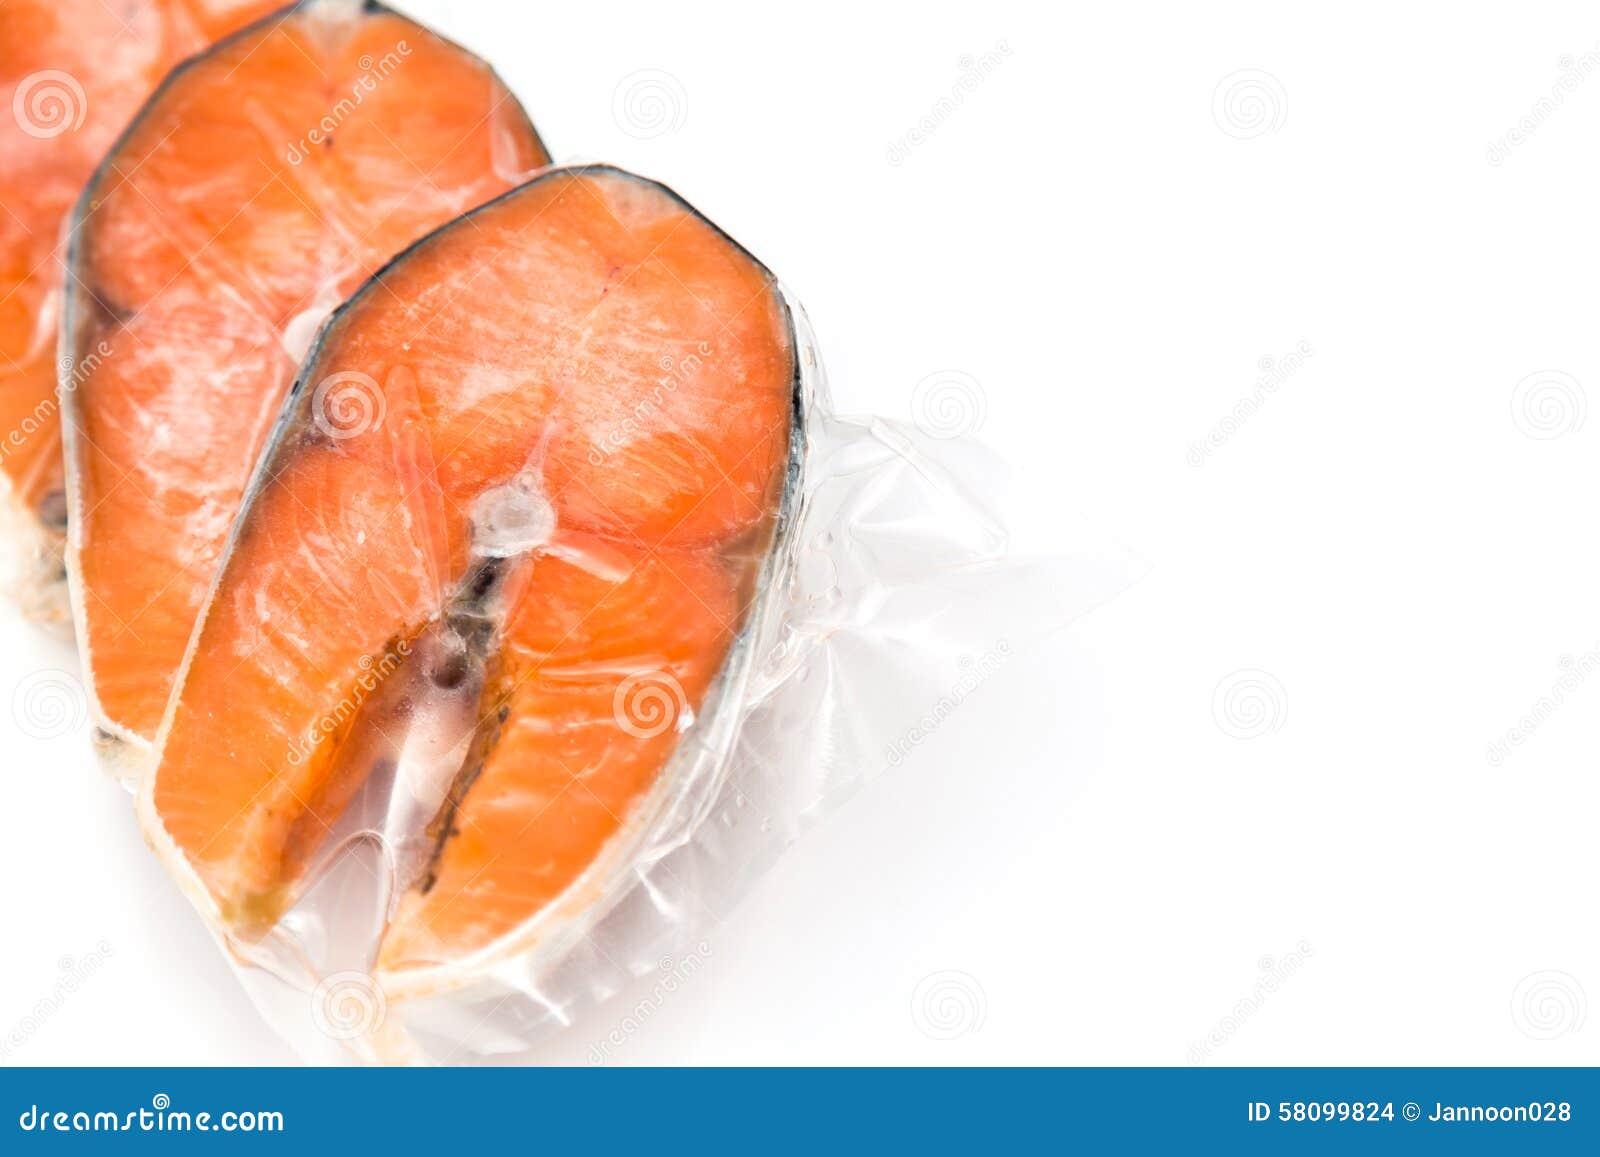 内圆角冻结的三文鱼